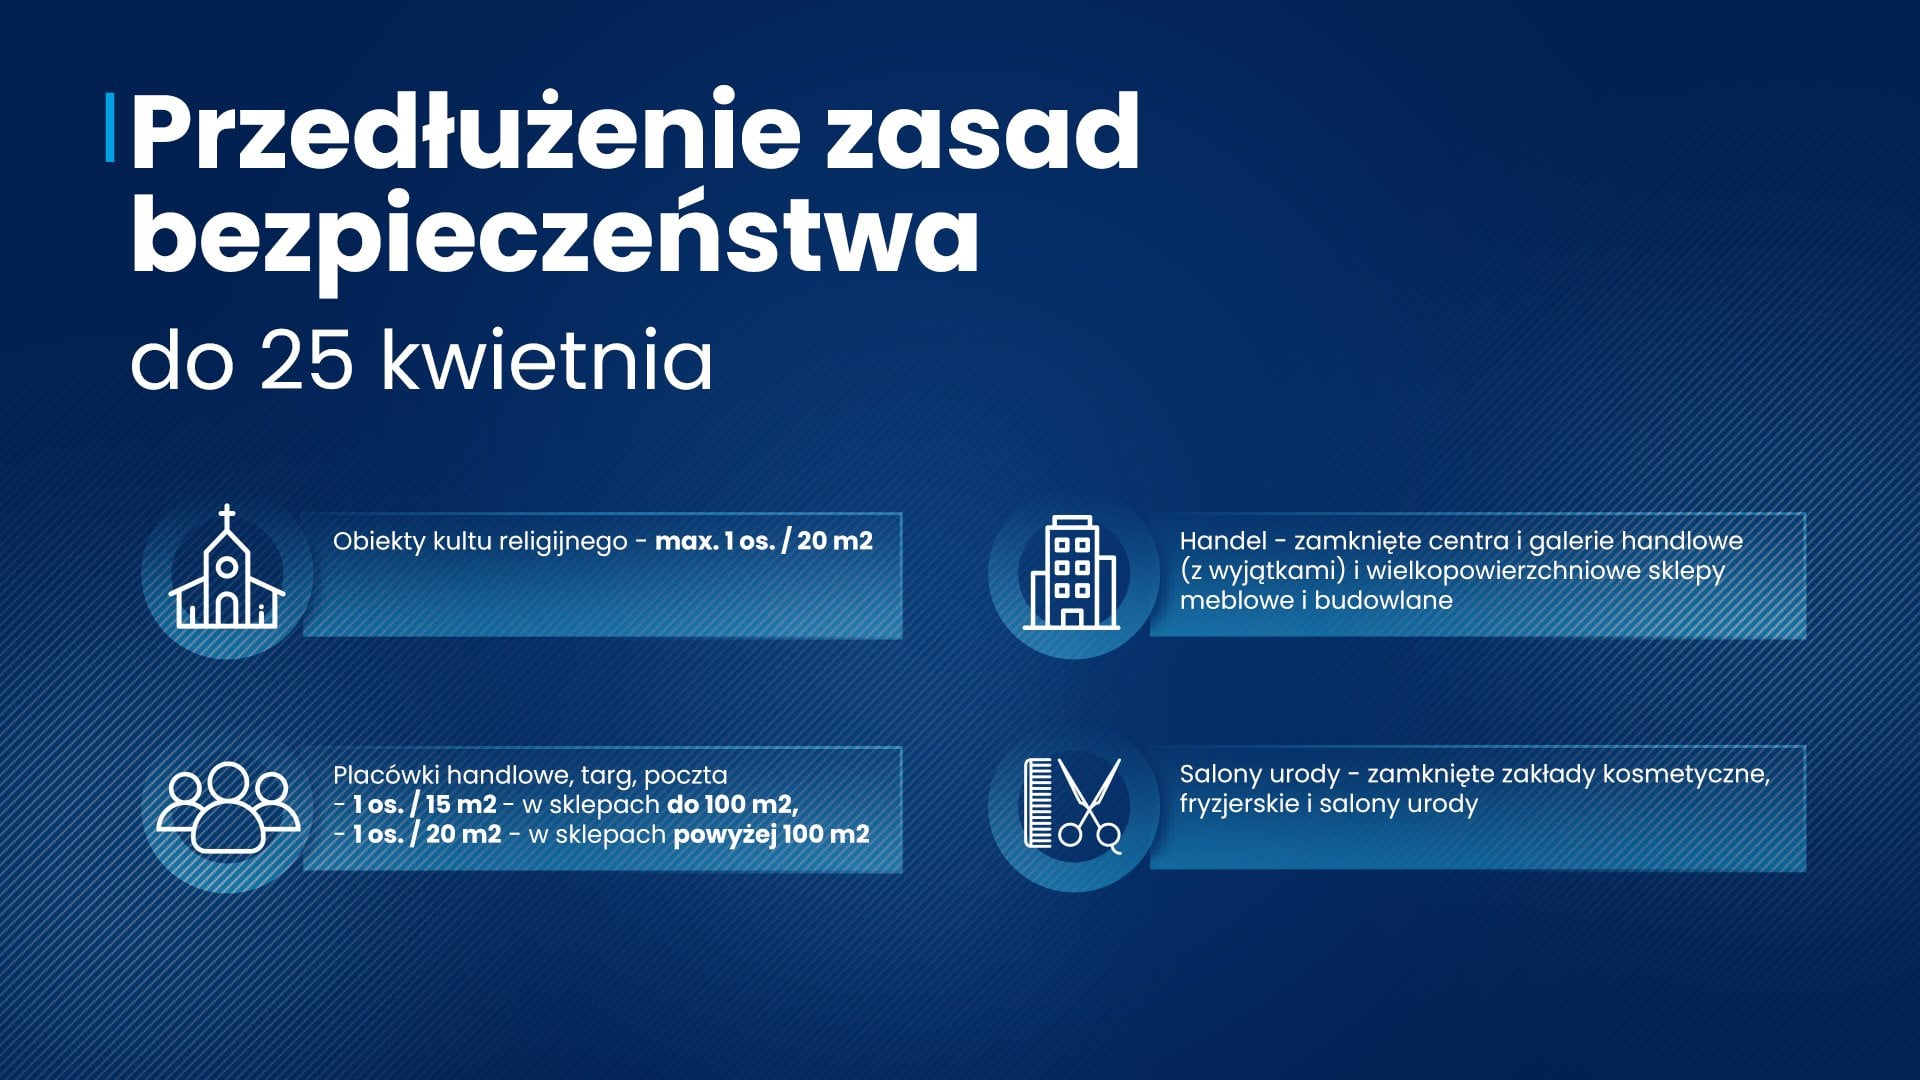 https://m.powiatszczycienski.pl/2021/04/orig/173972448-4167617629960983-2540173760462806437-n-39625.jpg